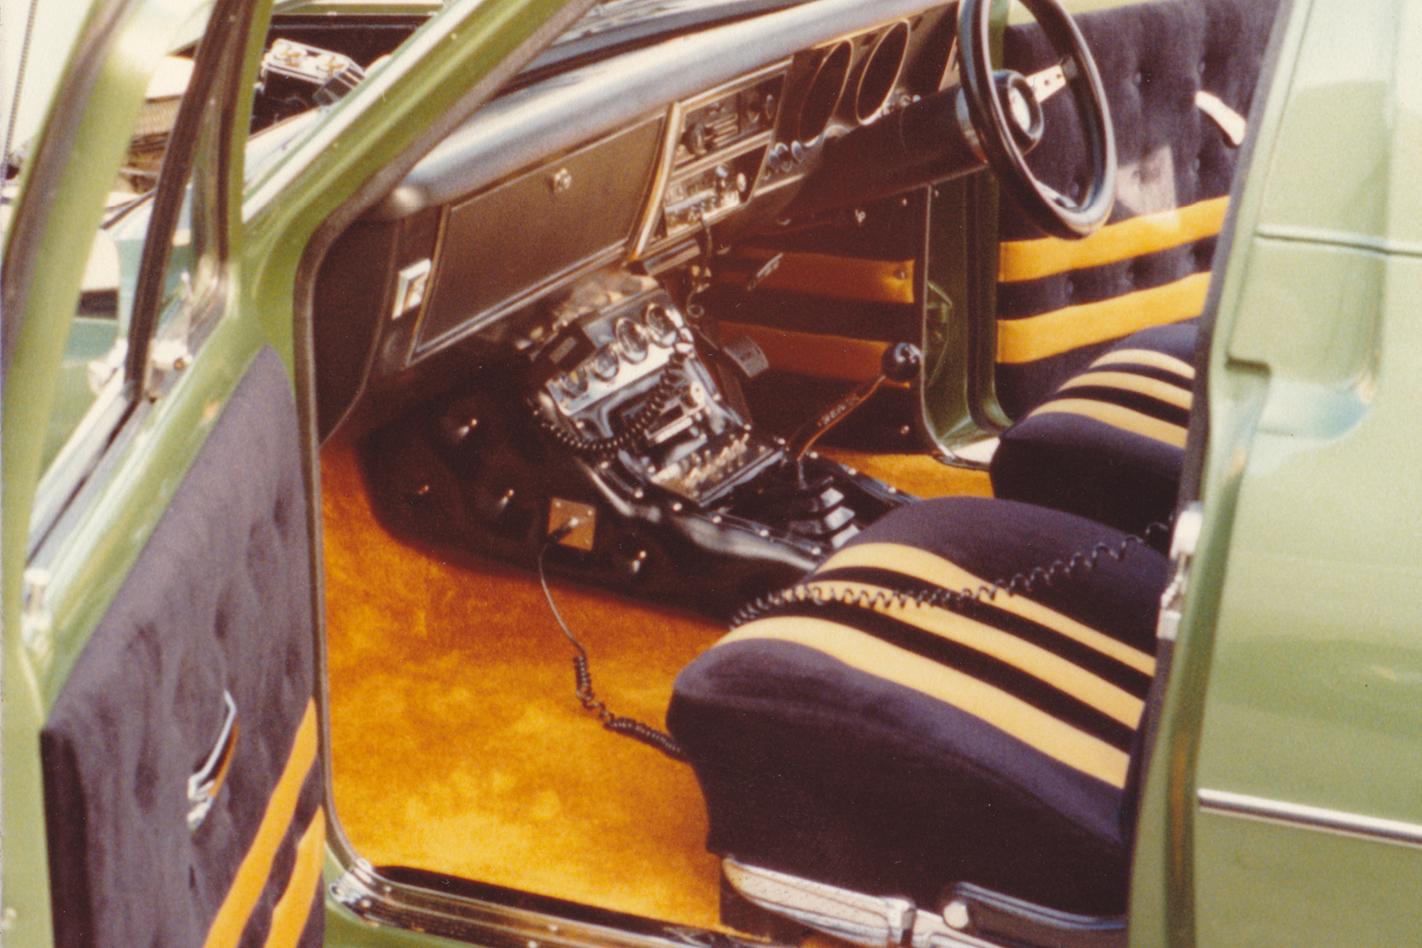 Green -Knight -HG-Panelvan -interior